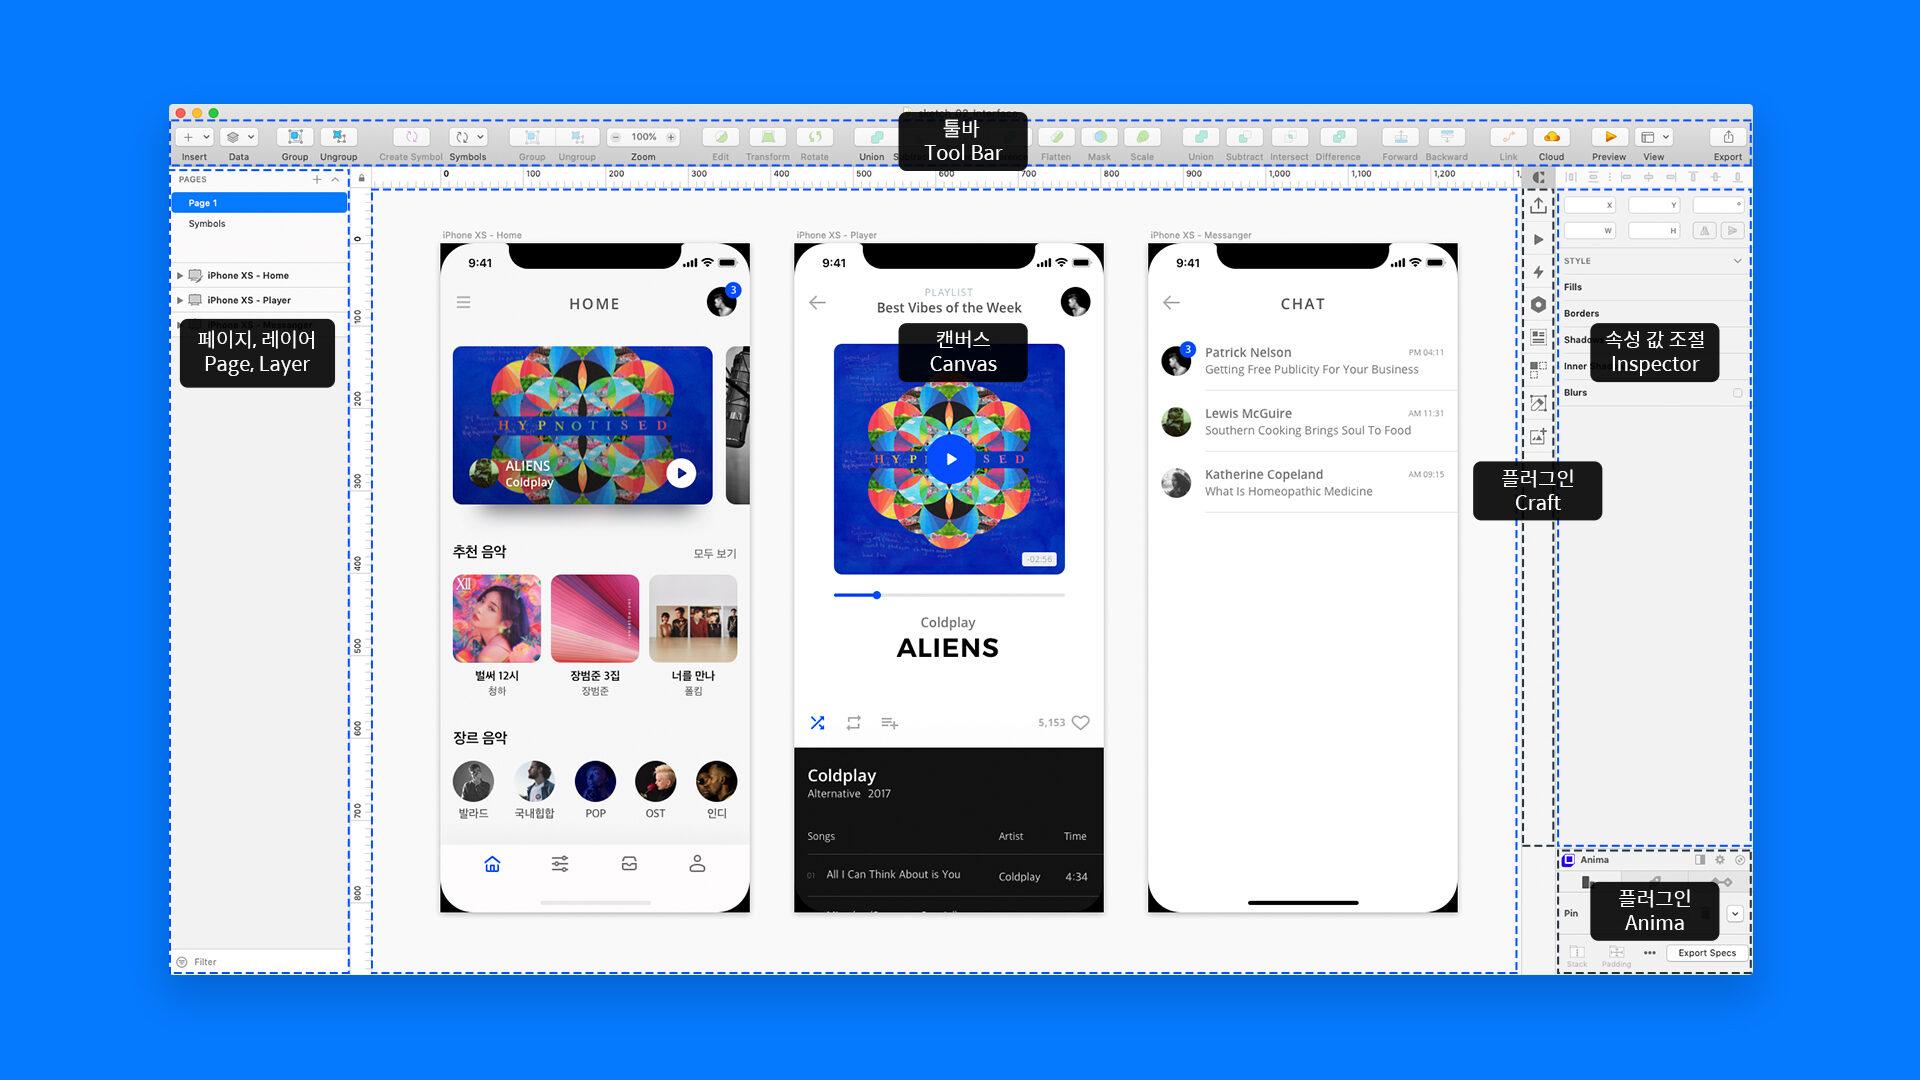 스케치 인터페이스 화면